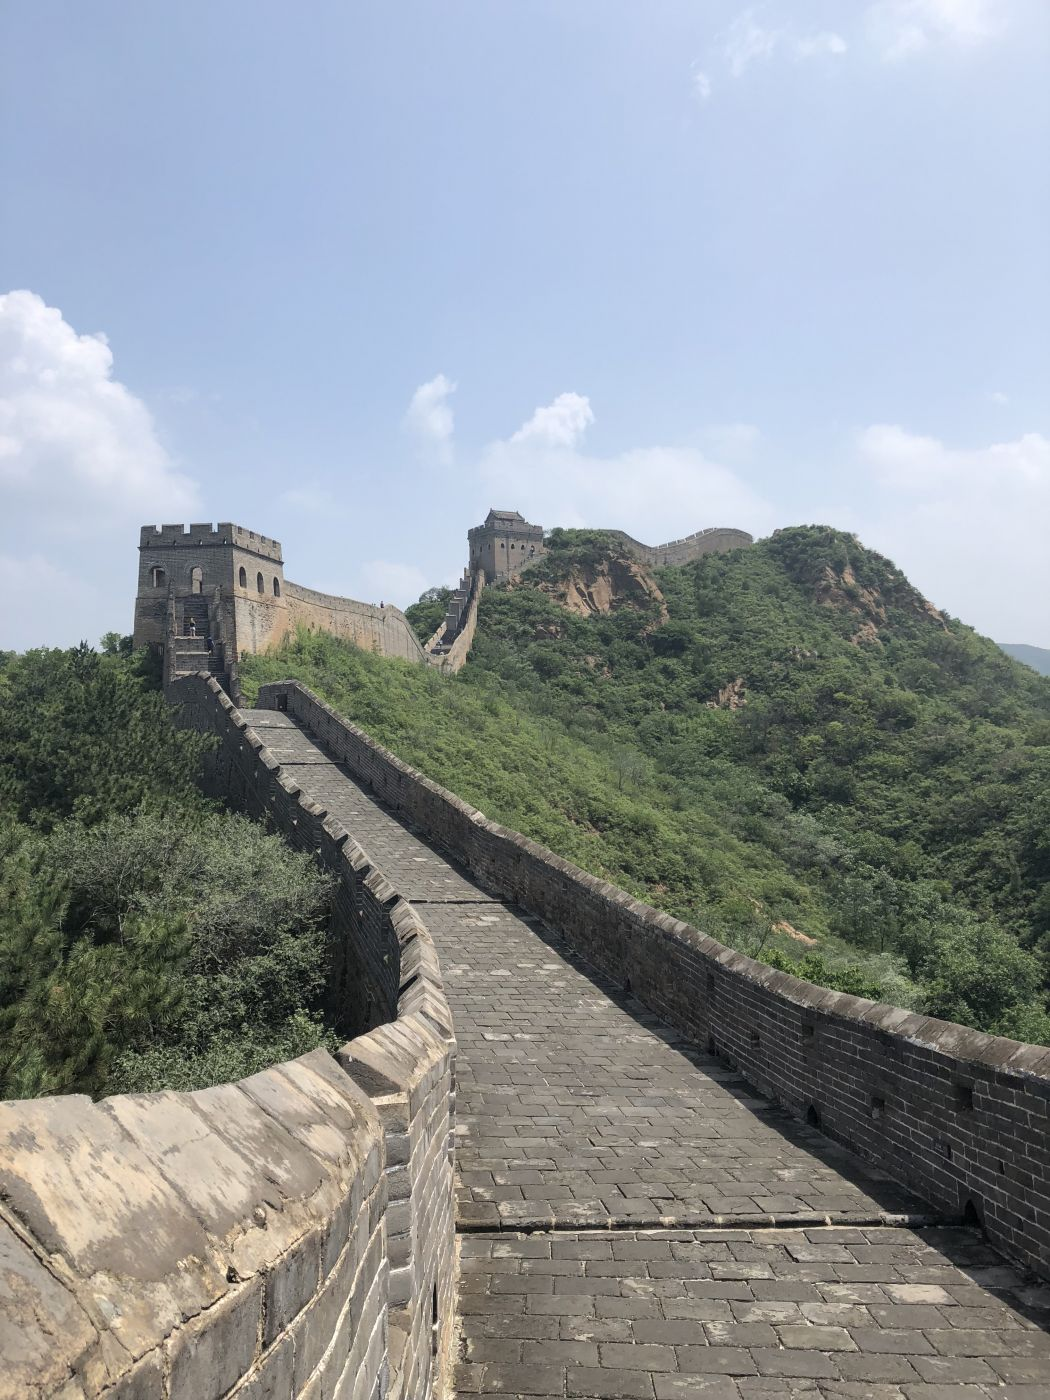 Jinshanling Great Wall, China